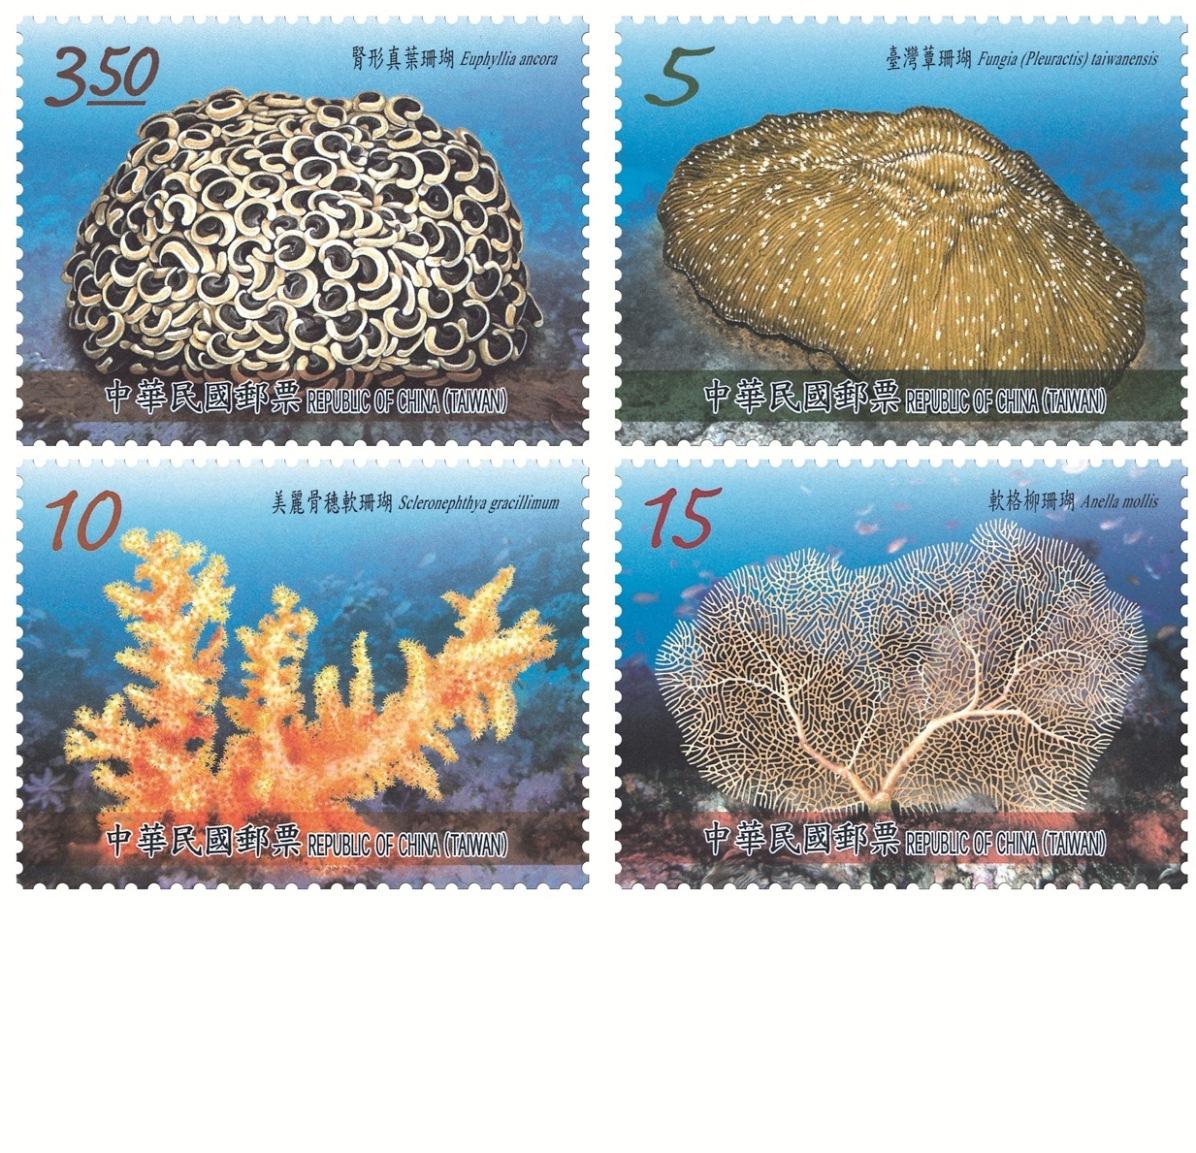 臺灣珊瑚郵票(105年版)